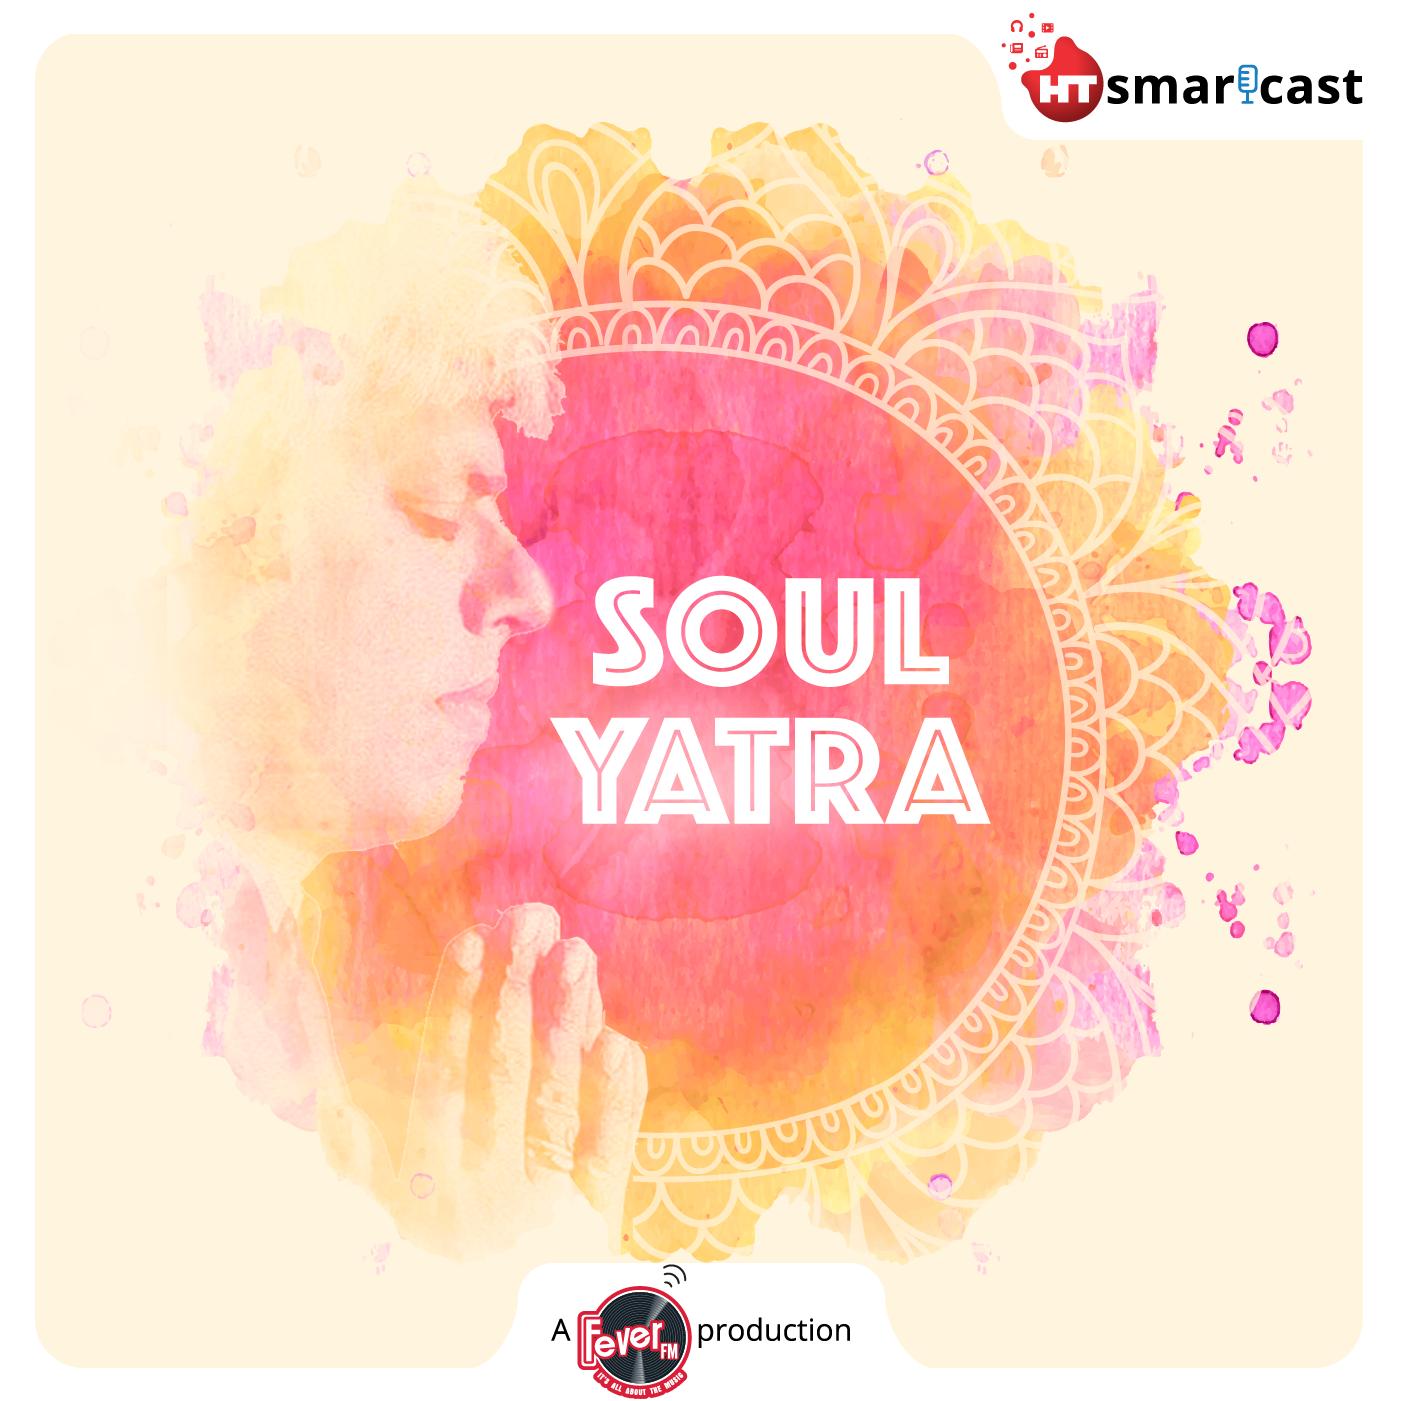 Soul Yatra